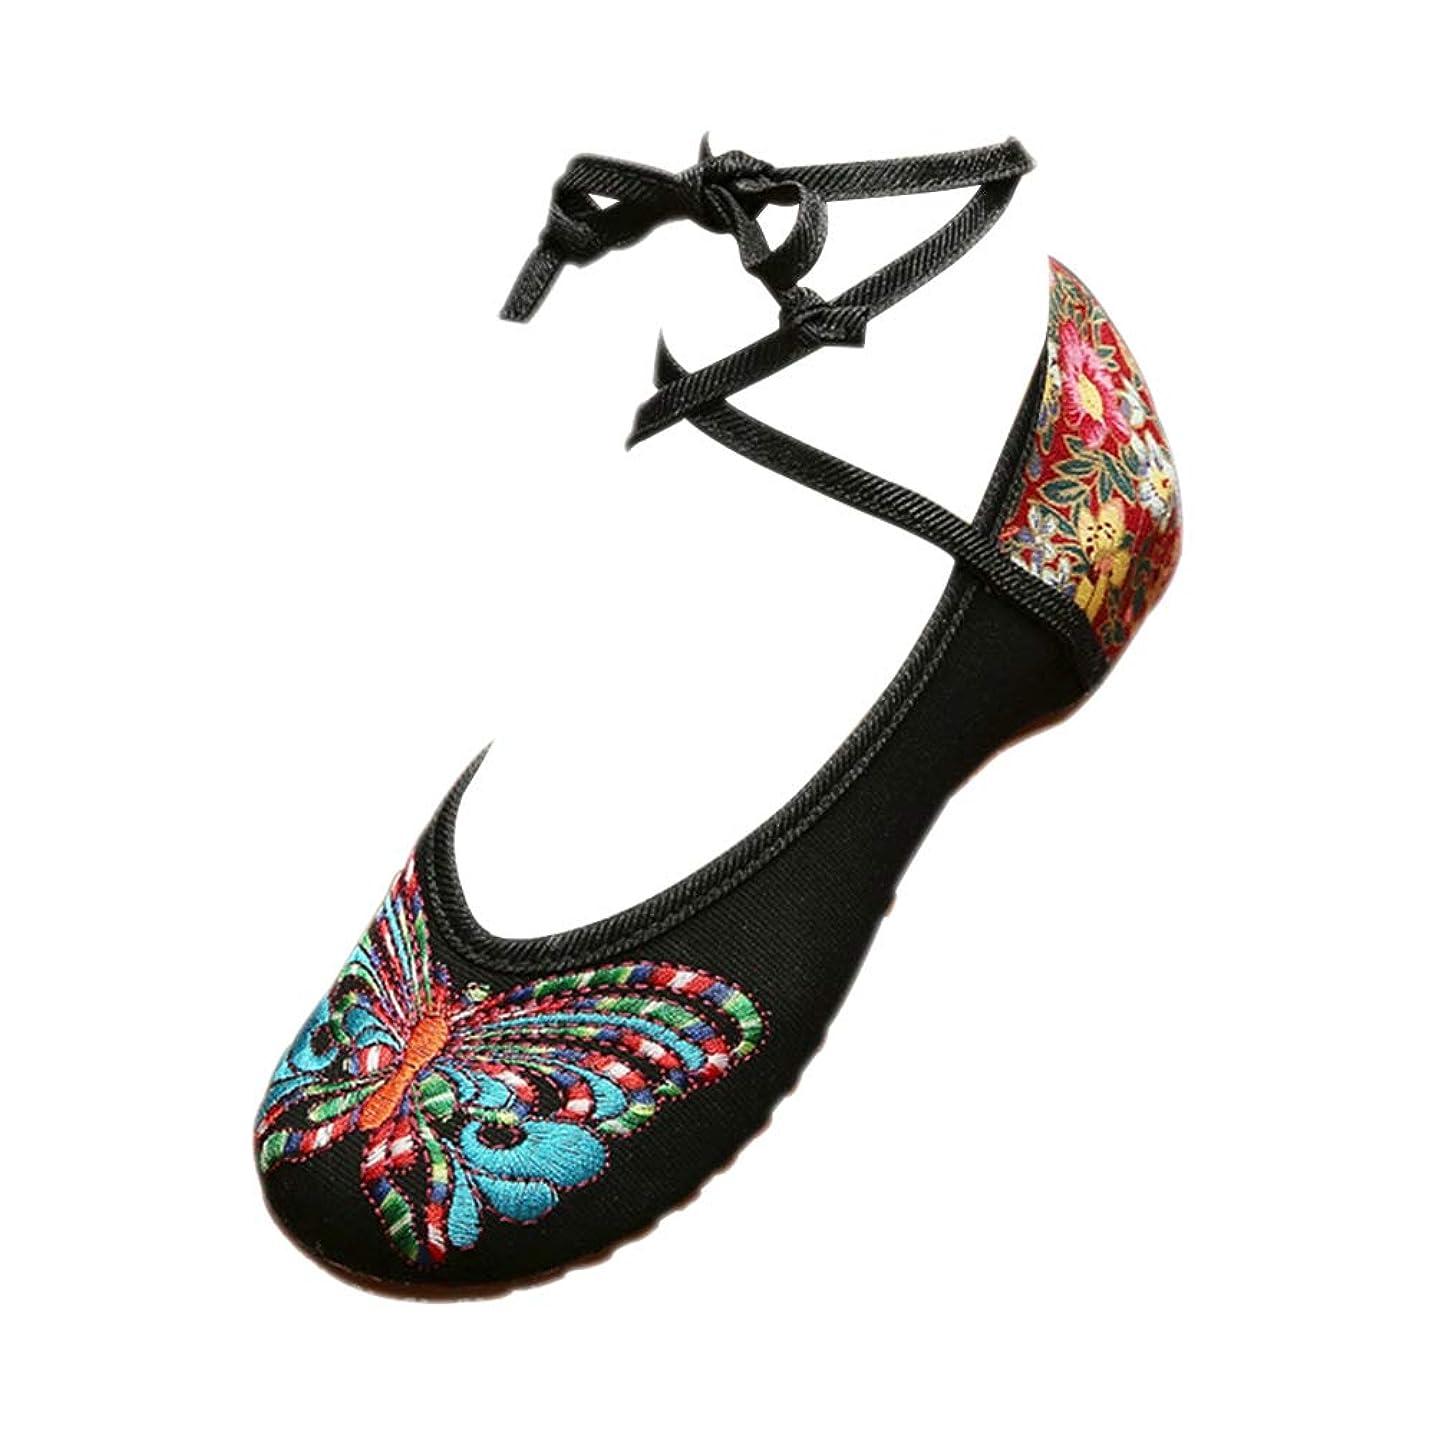 設置状態モルヒネ[BOZEVON] ヴィンテージ女性の刺繍靴 - メアリージェーンフラットバレエ中国スタイルのキャンバスローファー